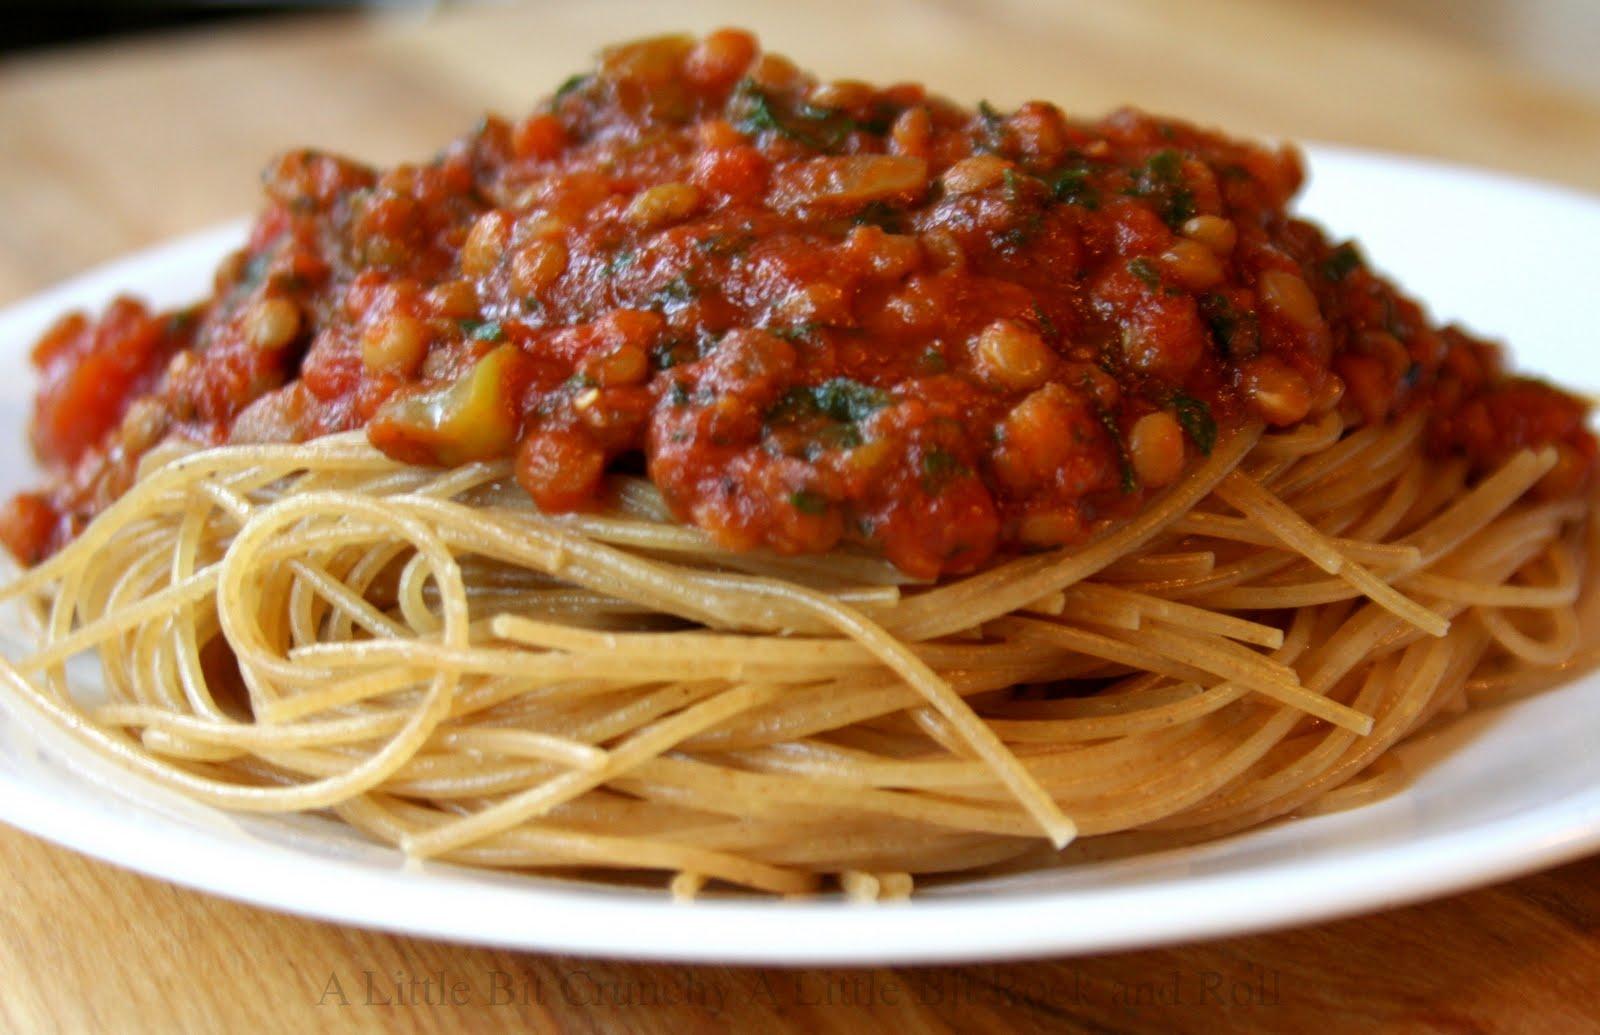 ... Little Bit Crunchy A Little Bit Rock and Roll: Lentil Spaghetti Sauce